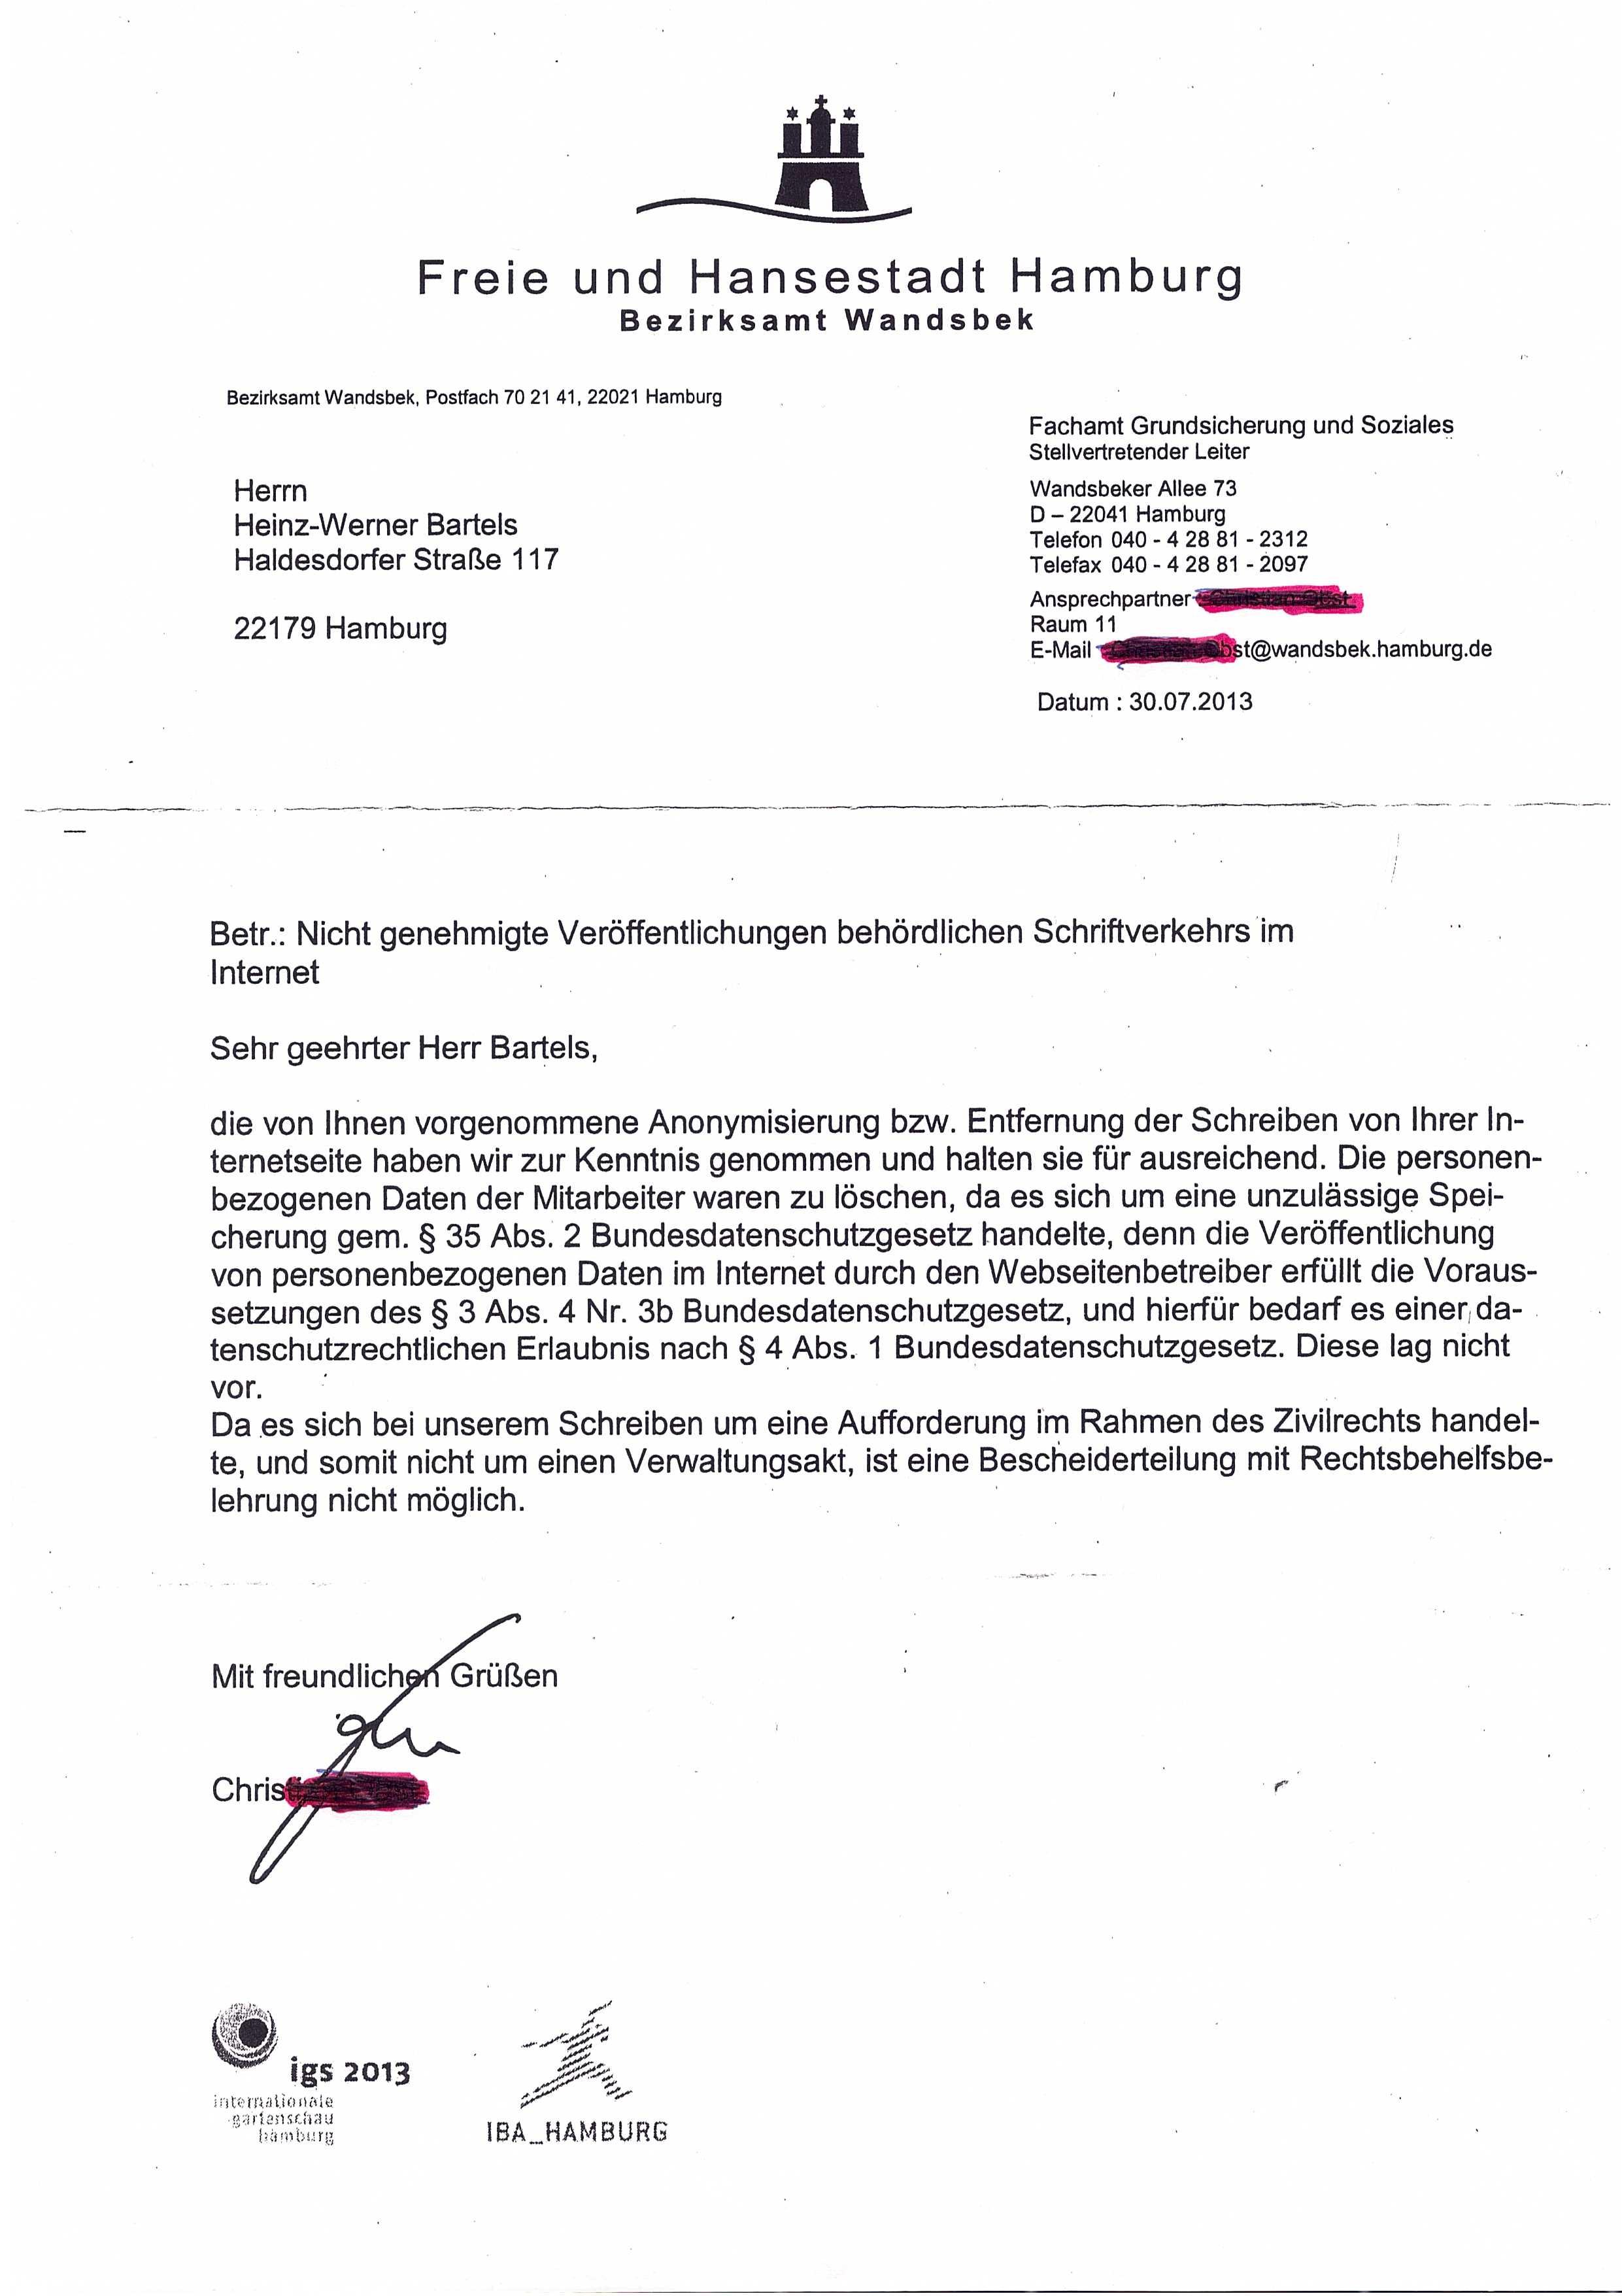 Korrekte Adressierung Briefe : Sozialbehördehamburg